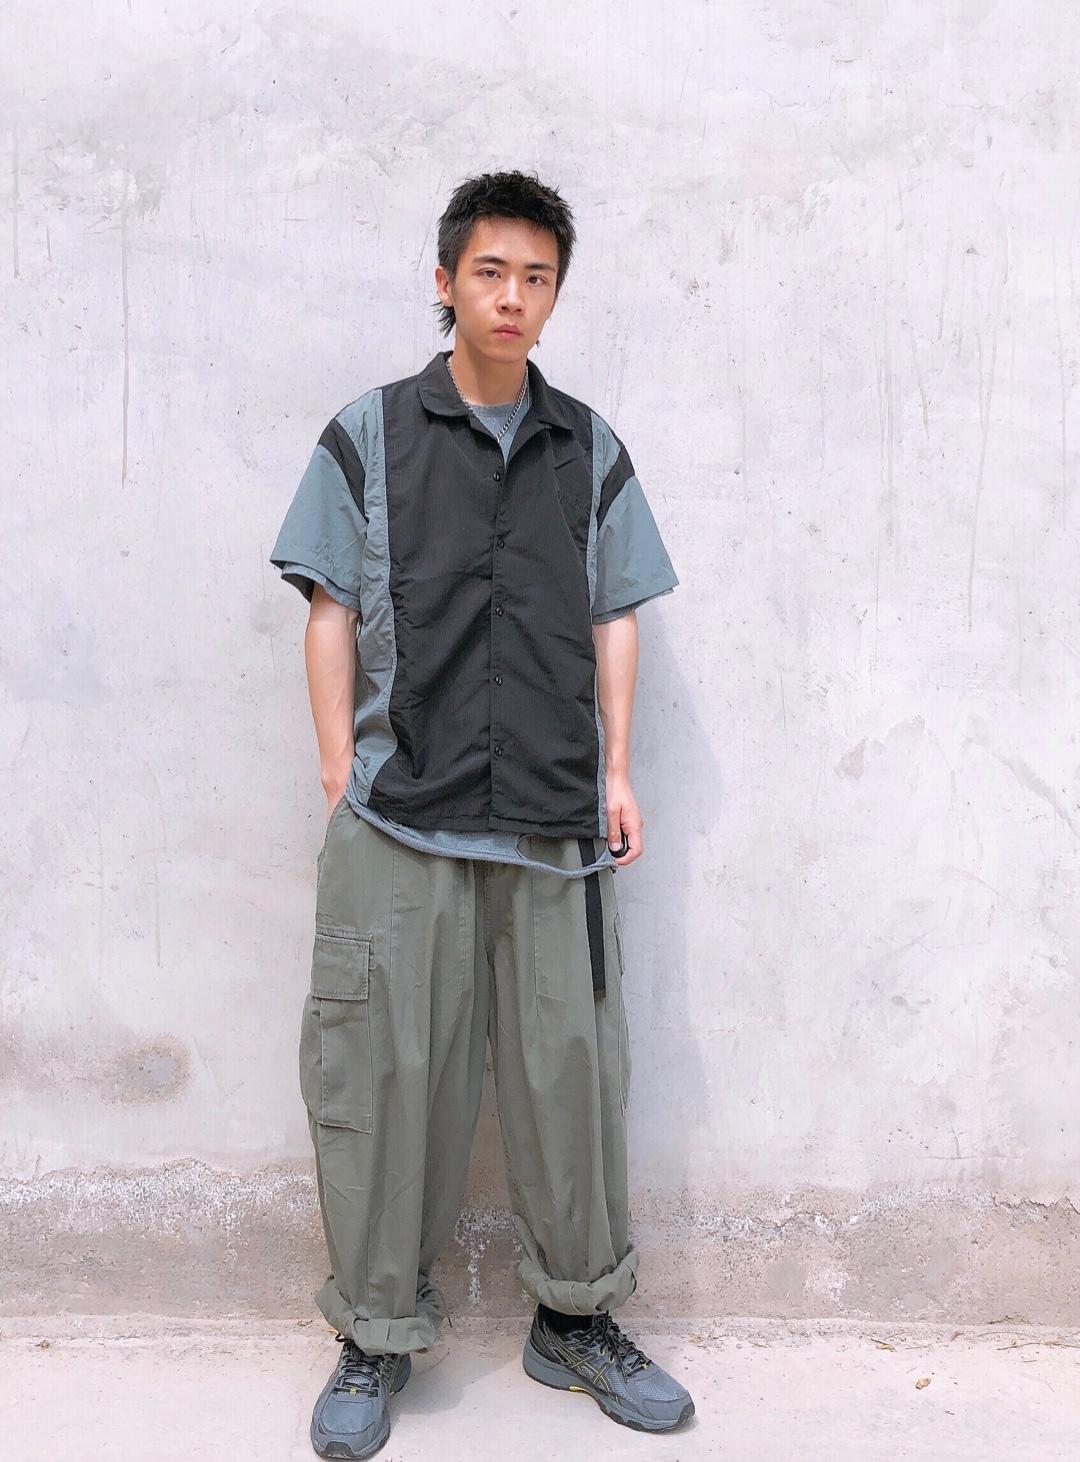 短袖:WhoseTrap 打底:GLOWING STUDIO 裤子:714street 鞋子:Asics  选择了比较偏工装风格的穿搭,无需过多鲜艳的颜色,基础工装的经典配色就可以安排的明明白白,黑、灰、军绿,这三种颜色本来就是百搭,在一起相互碰撞也并不显得违和,打底衫的破铜为整体带来更多的层次感,下身夸张宽松的工装裤也让搭配看起来慵懒又舒适,夏日工装没毛病!#减肥太太太难,显瘦套装最见效!#